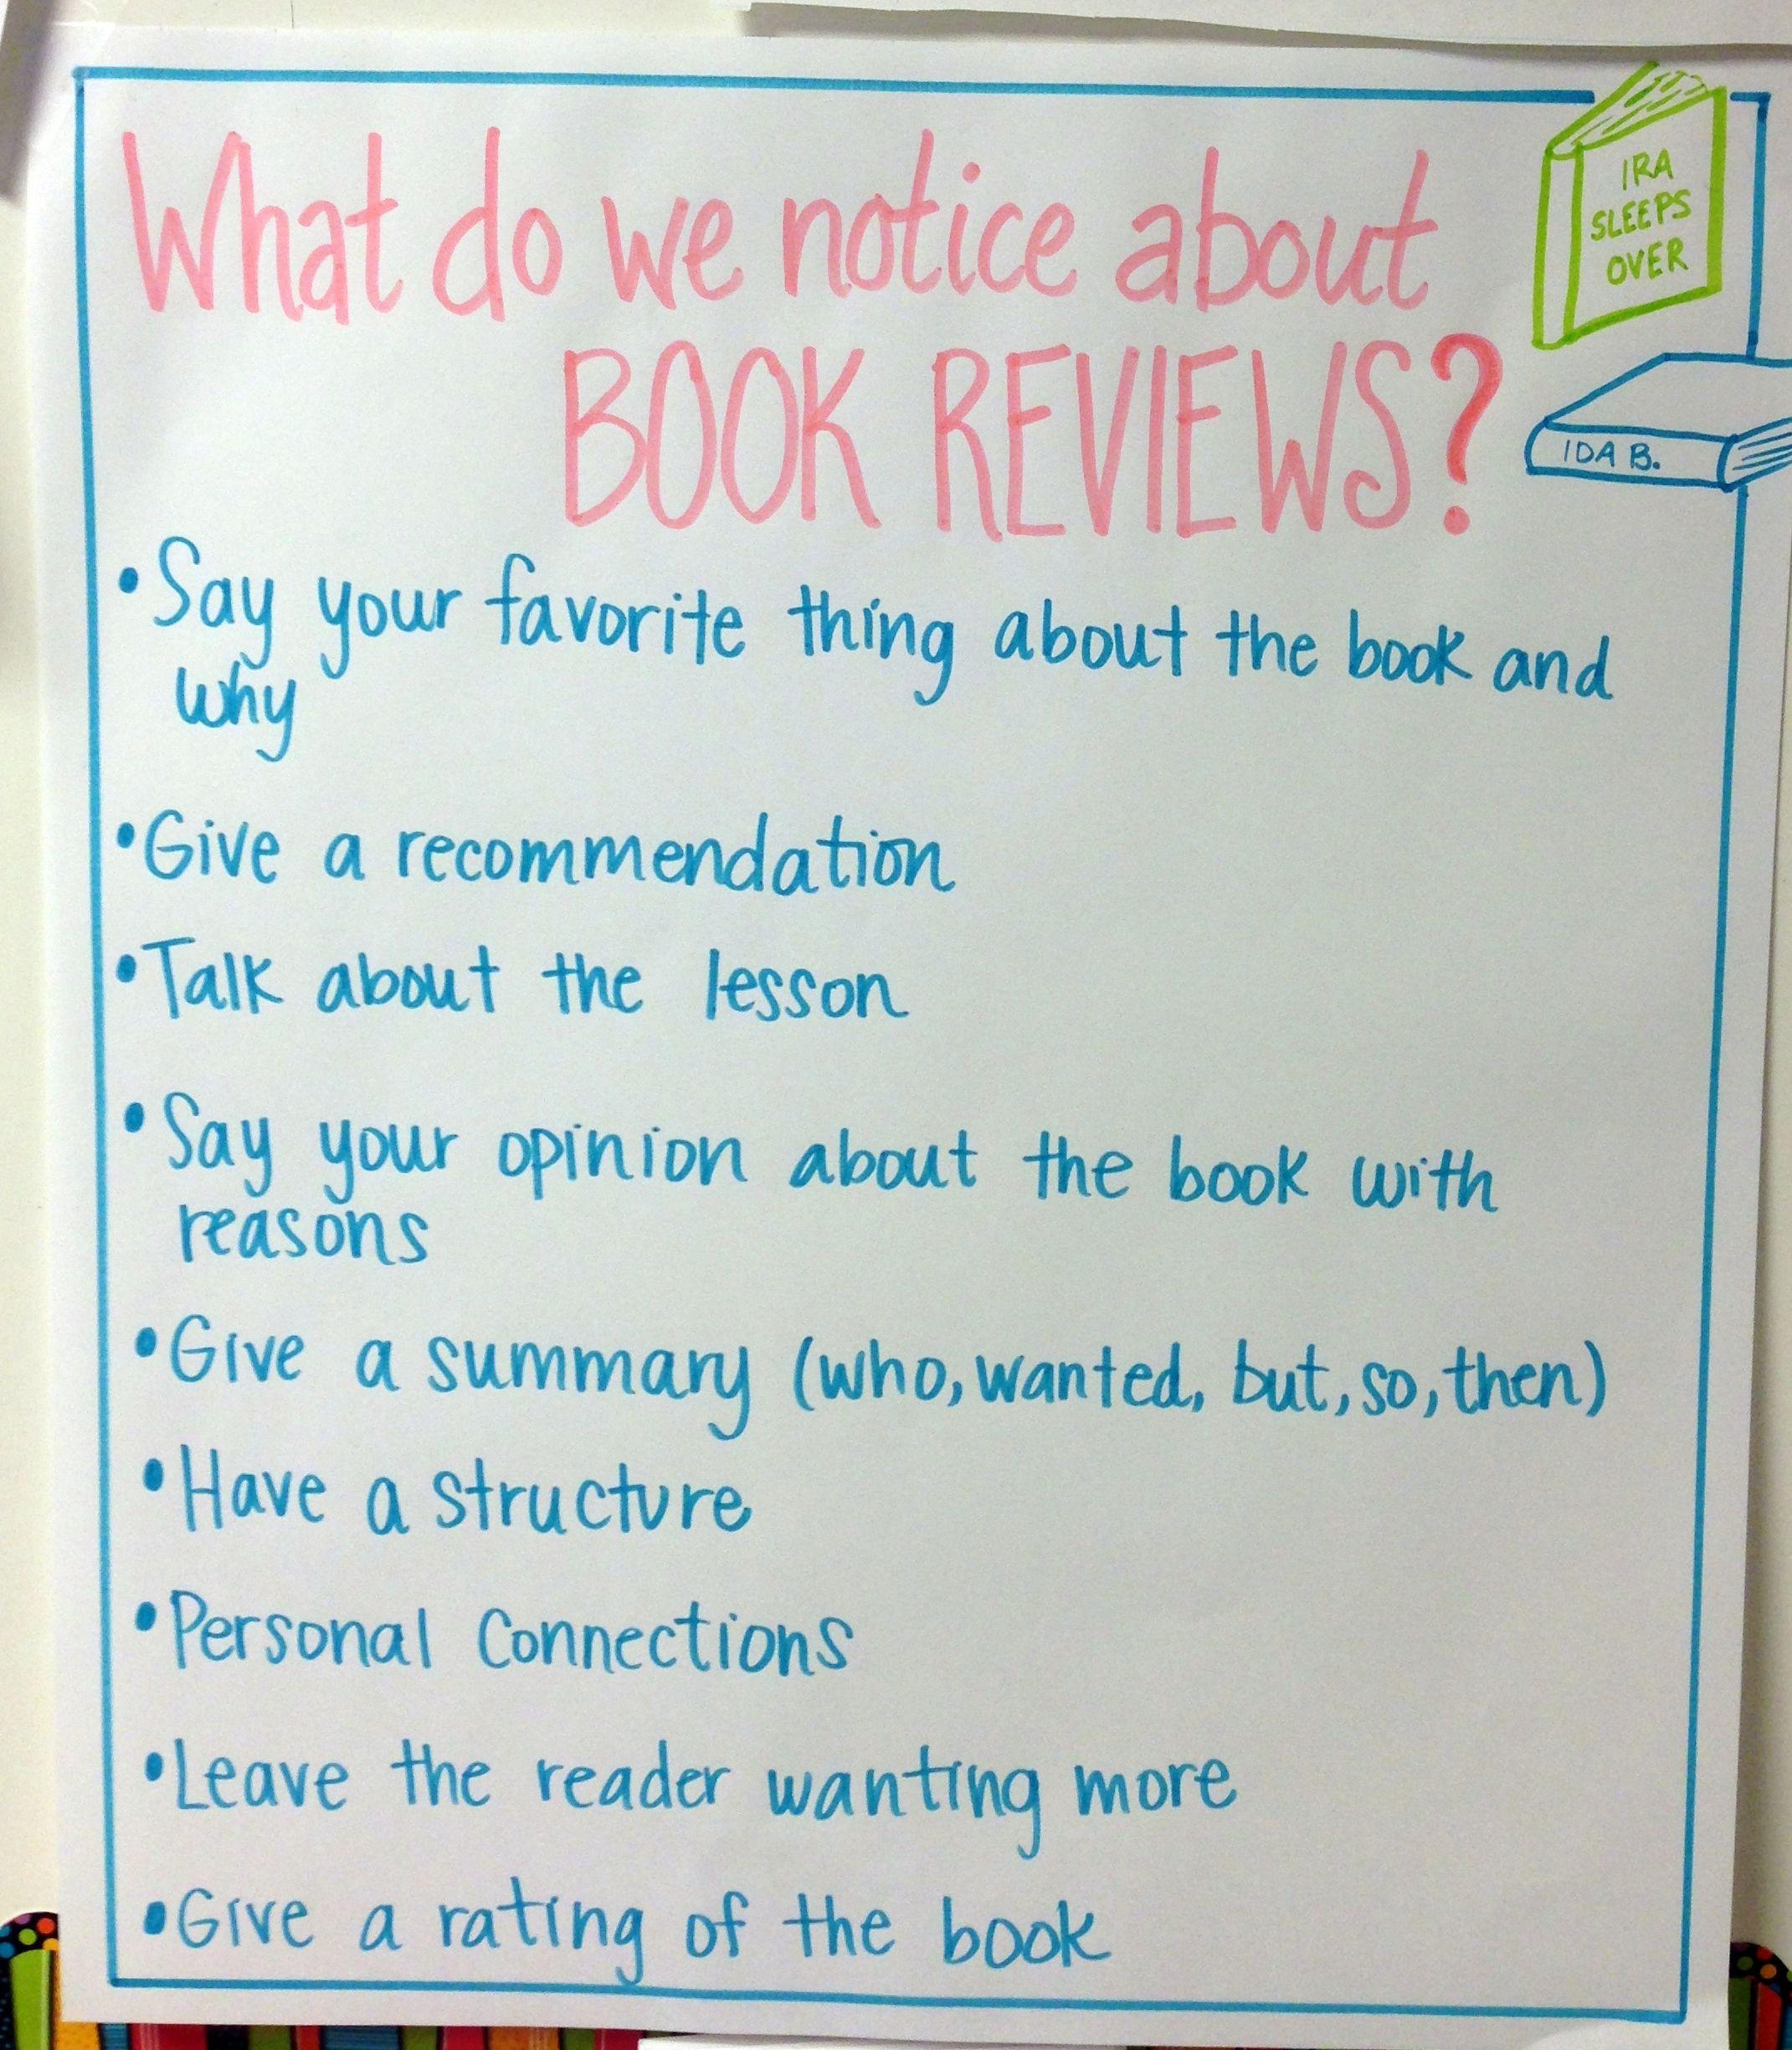 Essay Write A Book Review For Me -